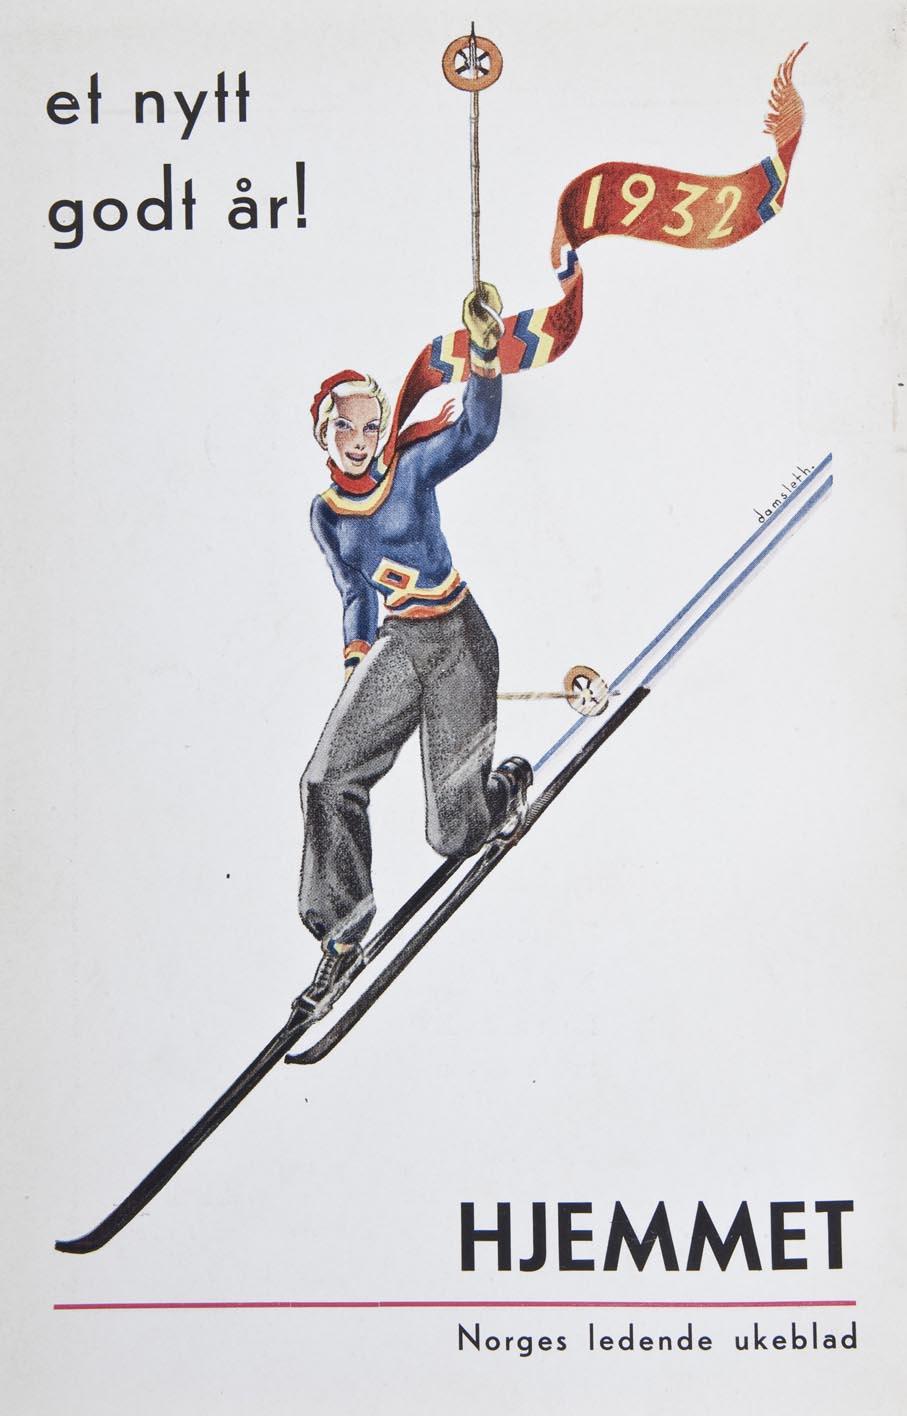 Harald Damsleths illustrasjon er på mange måter frekk. Kvinne i bukser og tettsittende klær som fremhever hennes former. Reklame for Hjemmet i 1932.